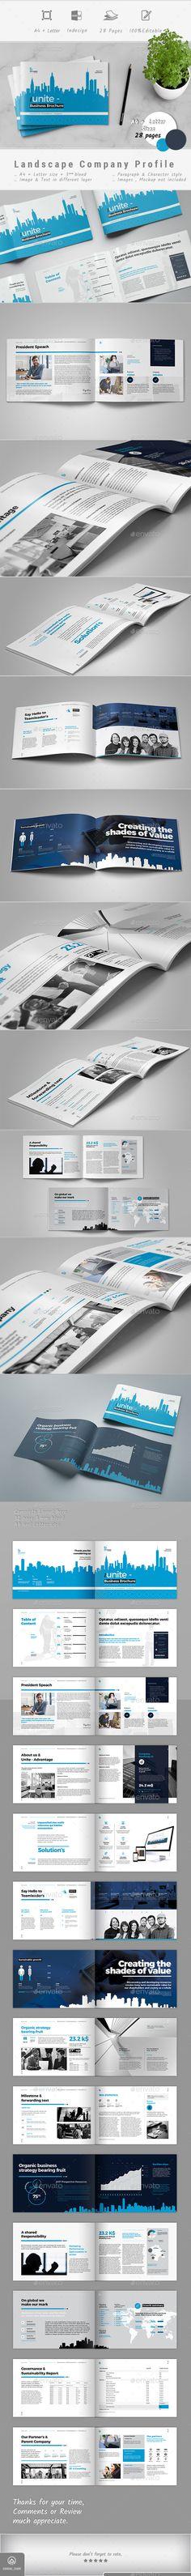 #Brochure - #Corporate Brochures Download here: https://graphicriver.net/item/brochure/19689503?ref=alena994